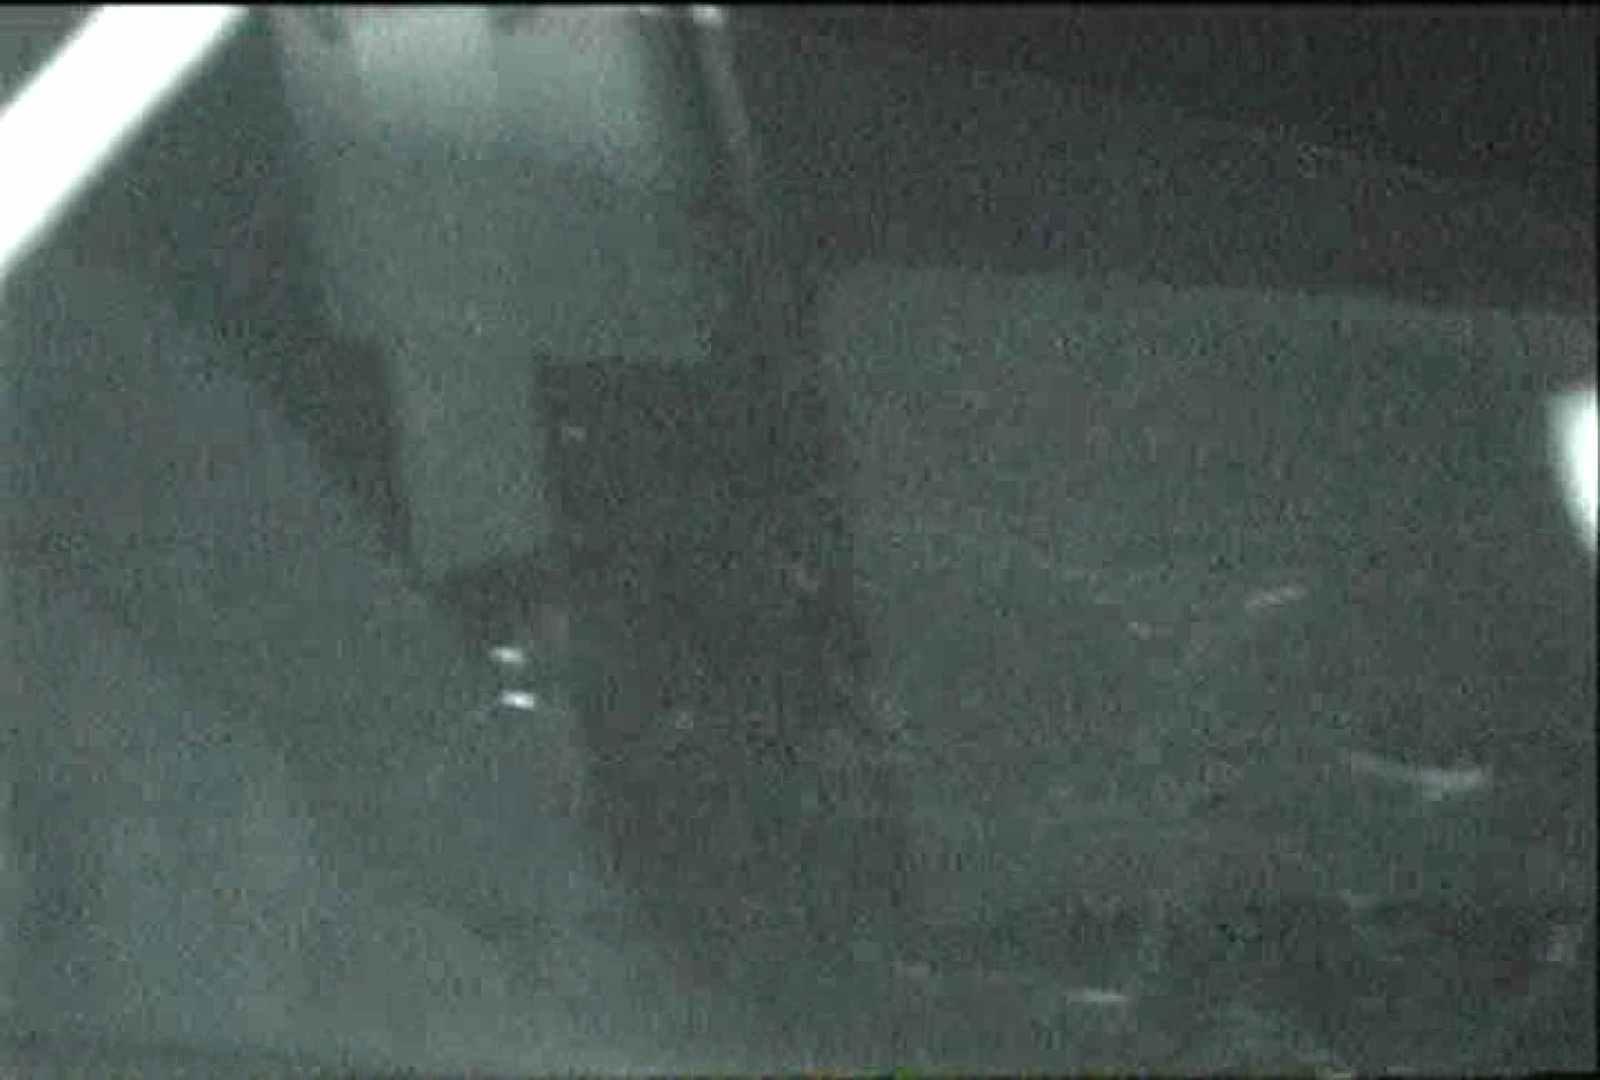 充血監督の深夜の運動会Vol.78 OLセックス | カップル  72画像 61